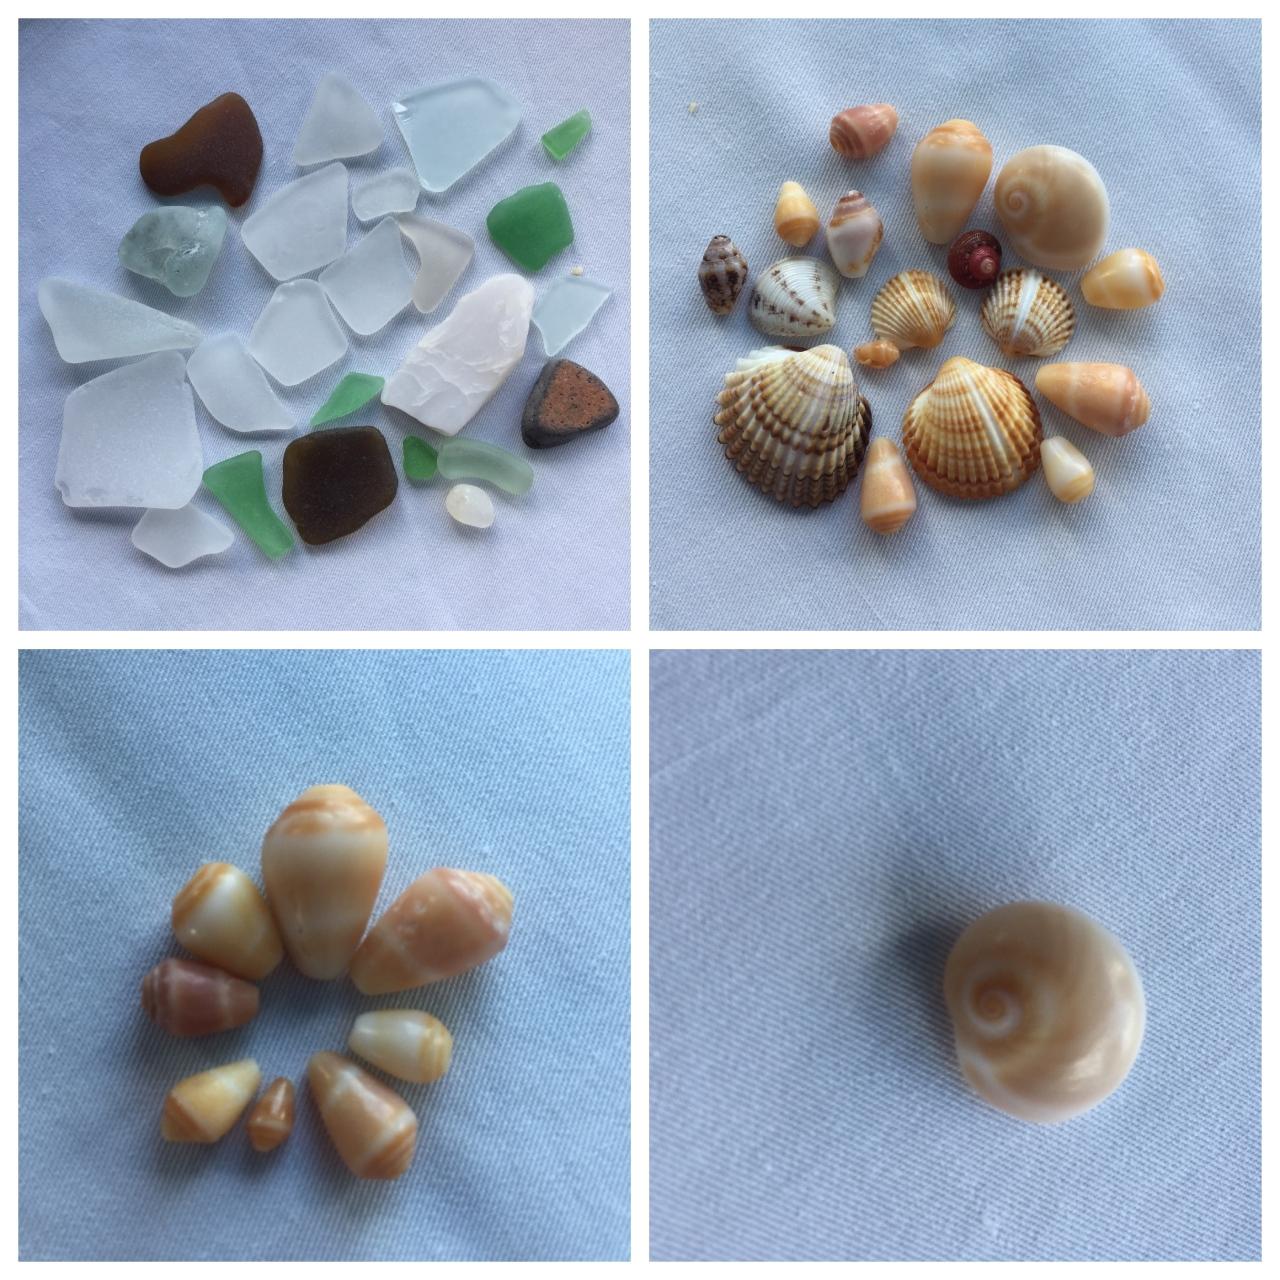 Treasures x4